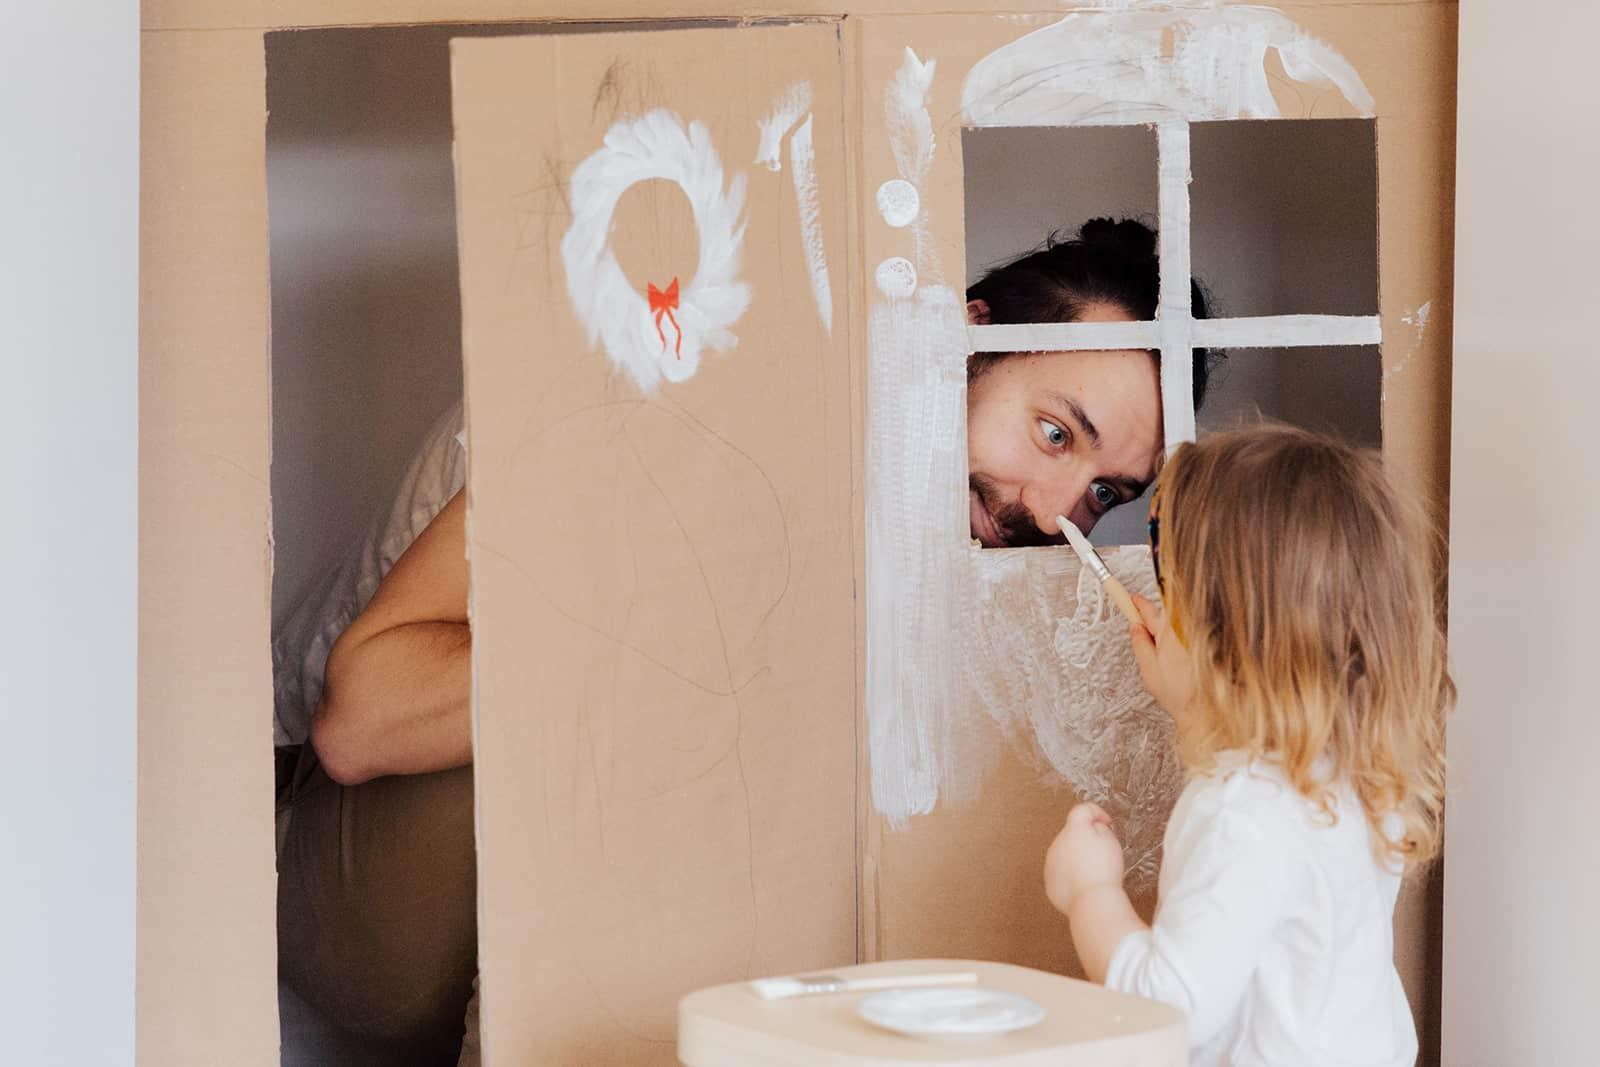 Ein Vater spielt mit einer kleinen Tochter und versteckt sich in einem Karton